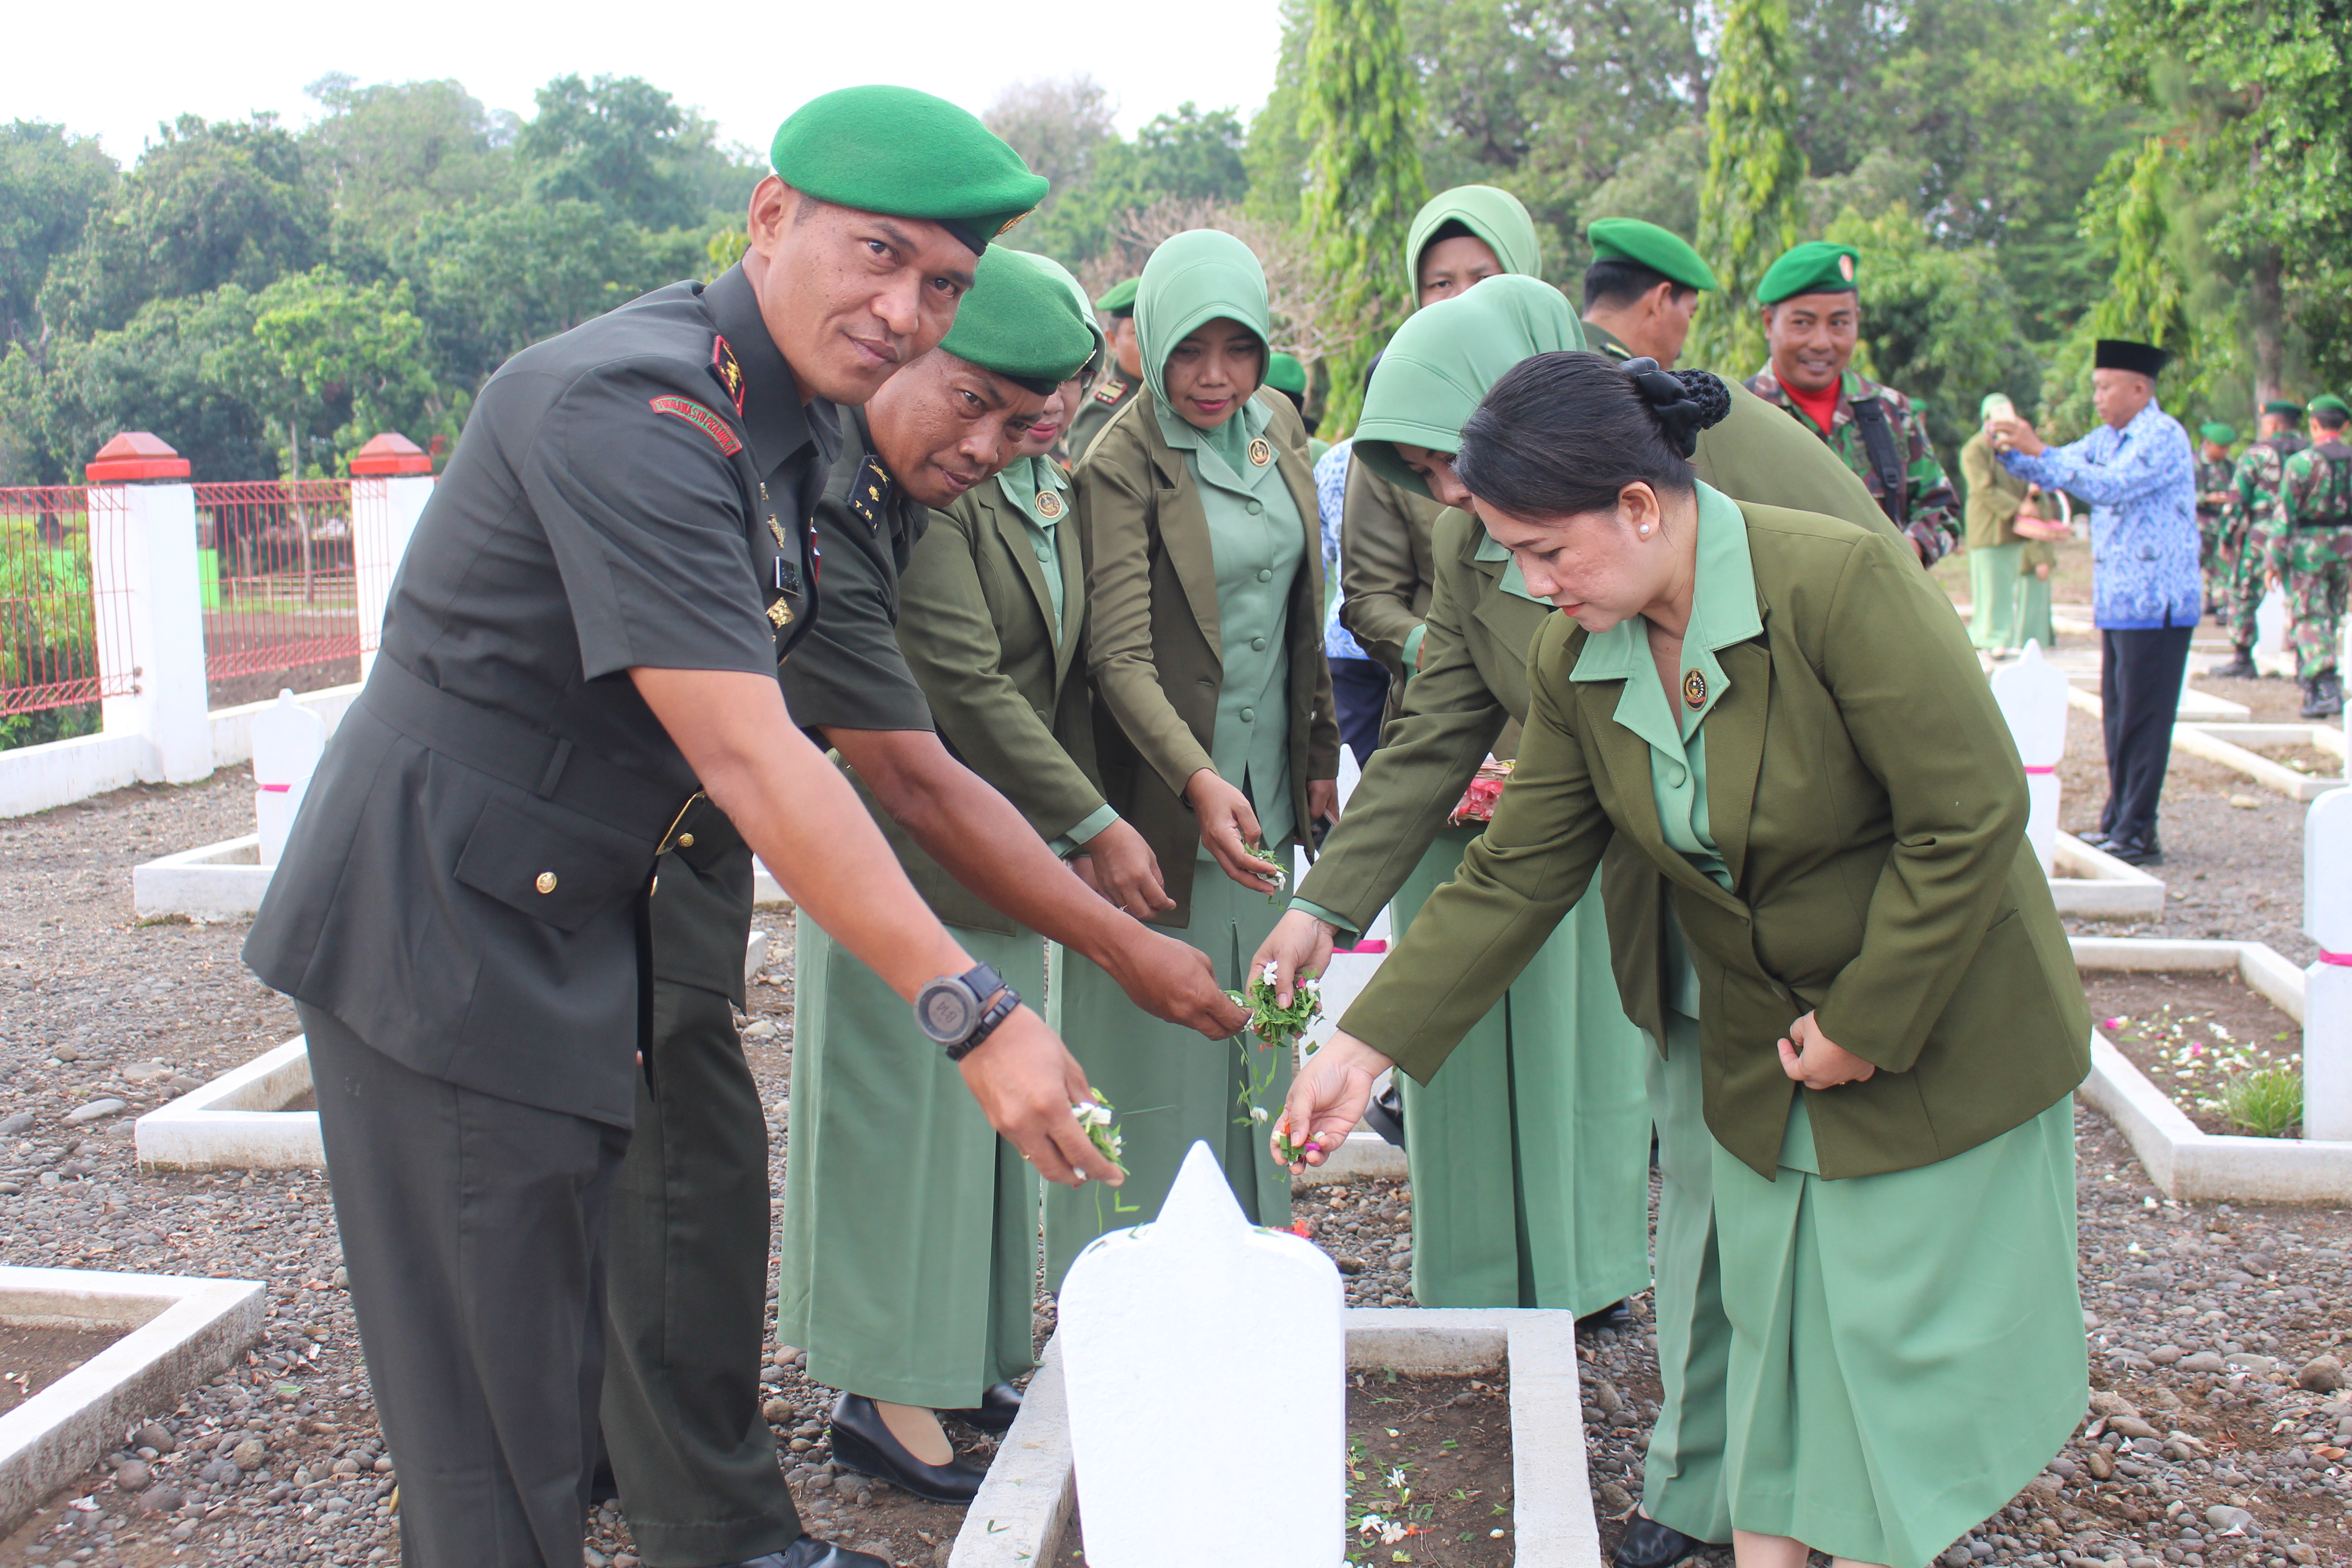 Kodim Pemalang adakan Ziarah di Taman Makam Pahlawan Jayana Sureng Yudha Penggarit Taman Pemalang dalam rangka Hari Juang TNI AD Tahun 2019